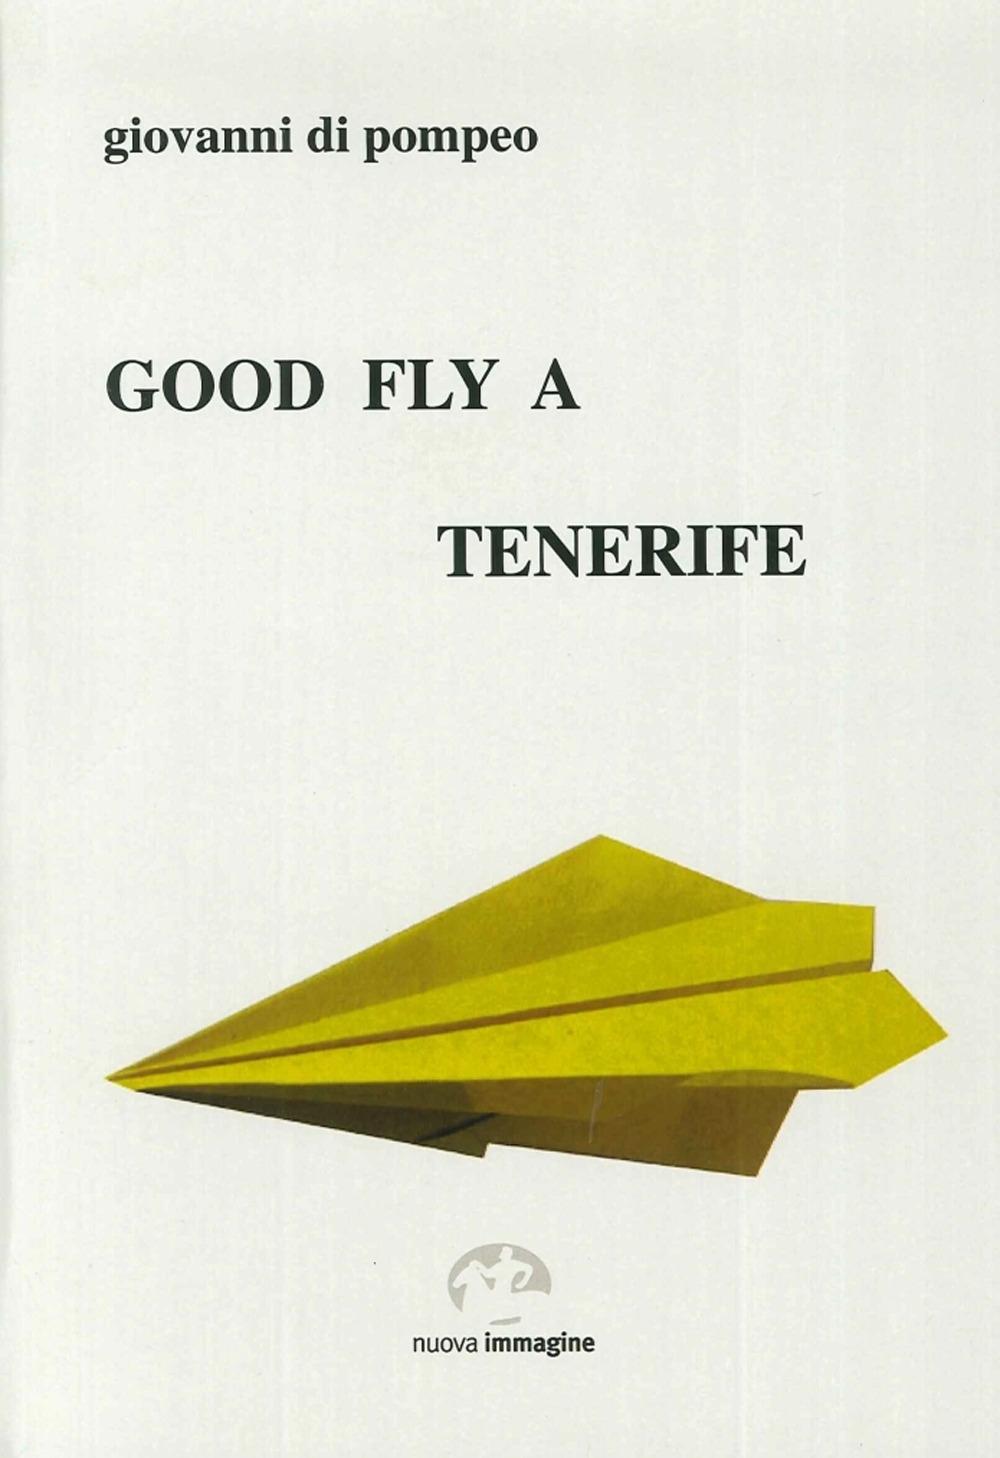 Good fly a Tenerife